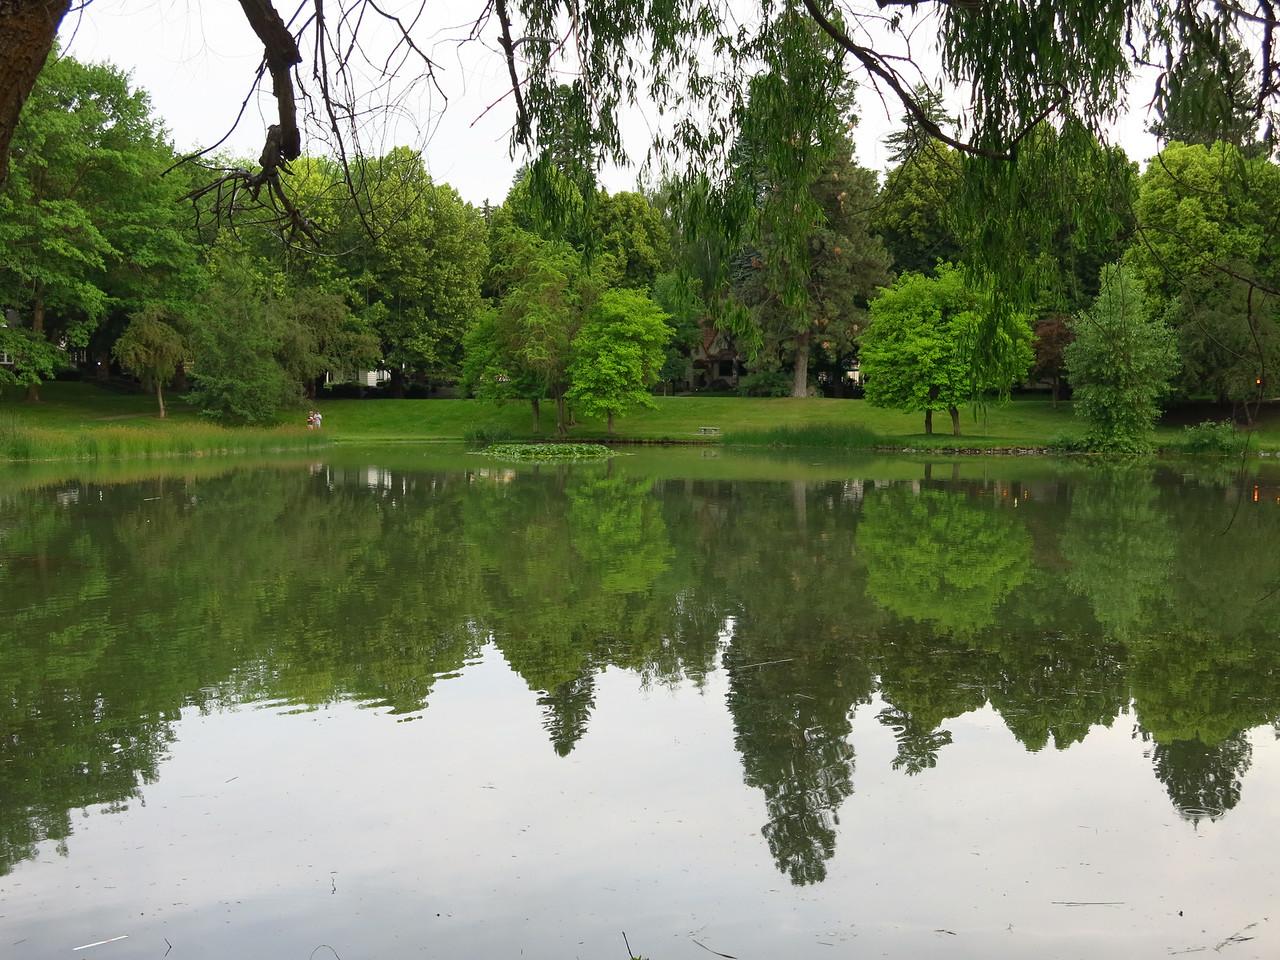 2014-06-23 Spkne (19)